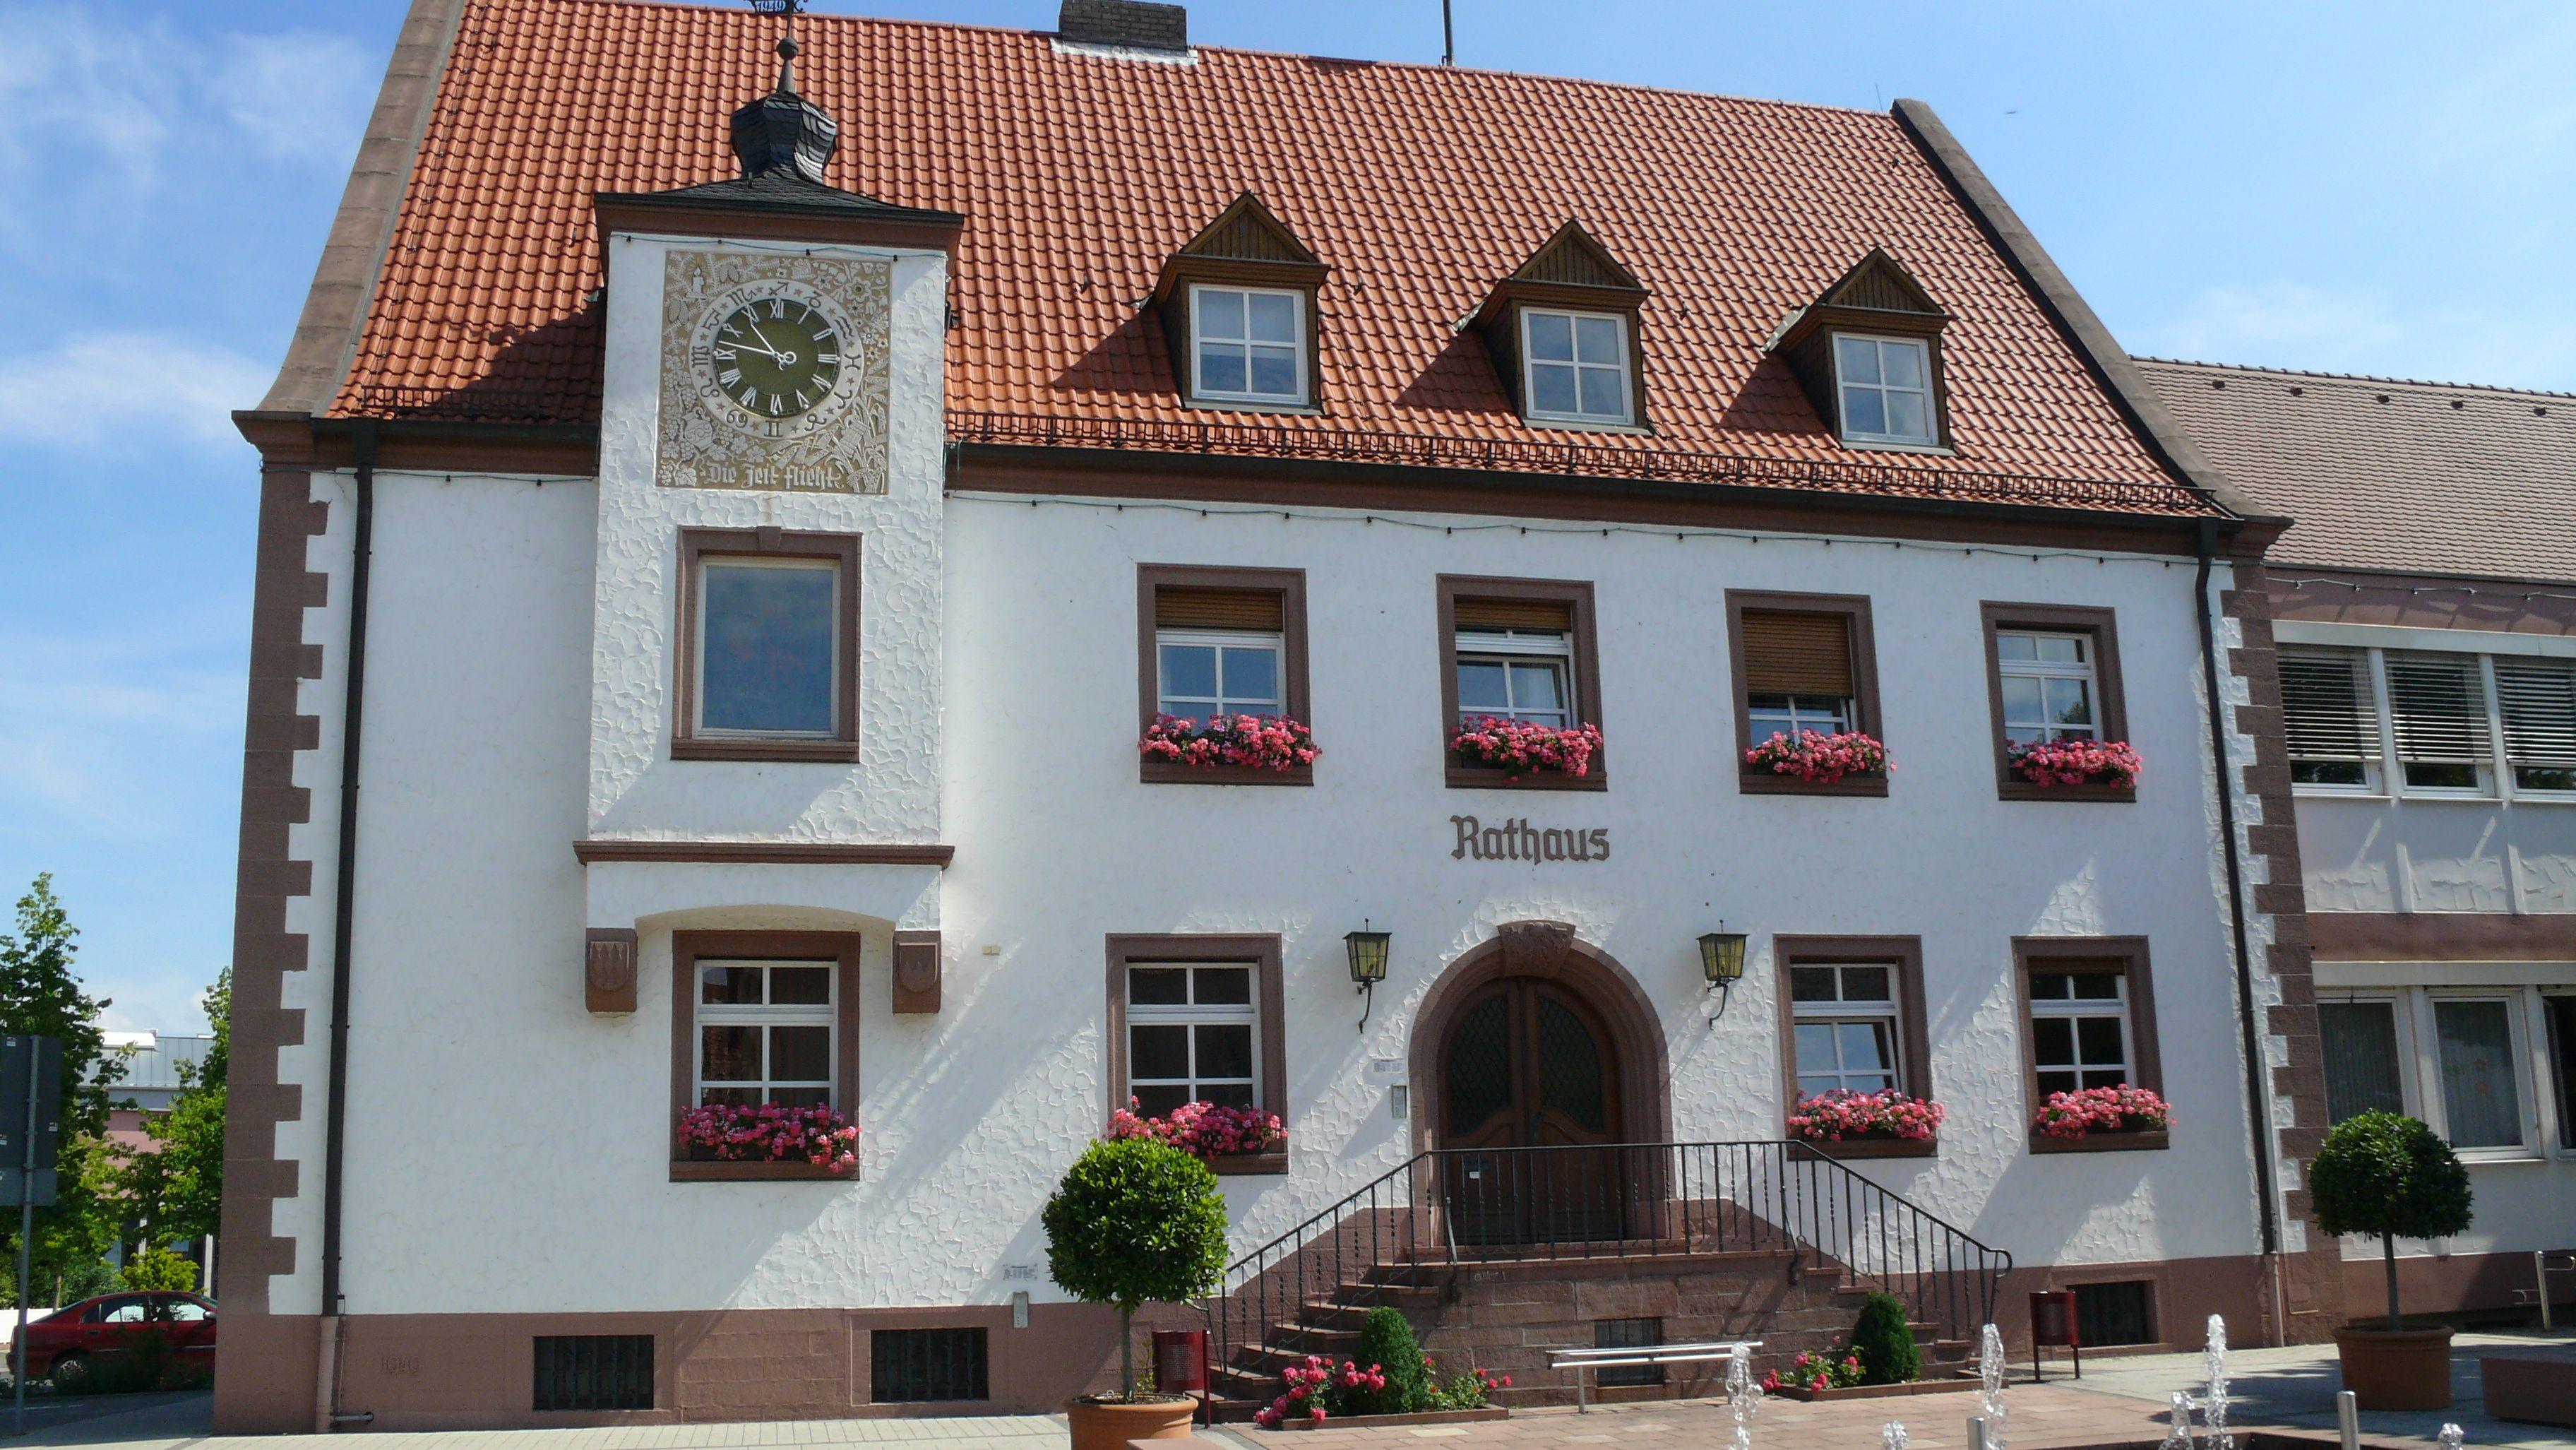 Rathaus von Erlenbach am Main